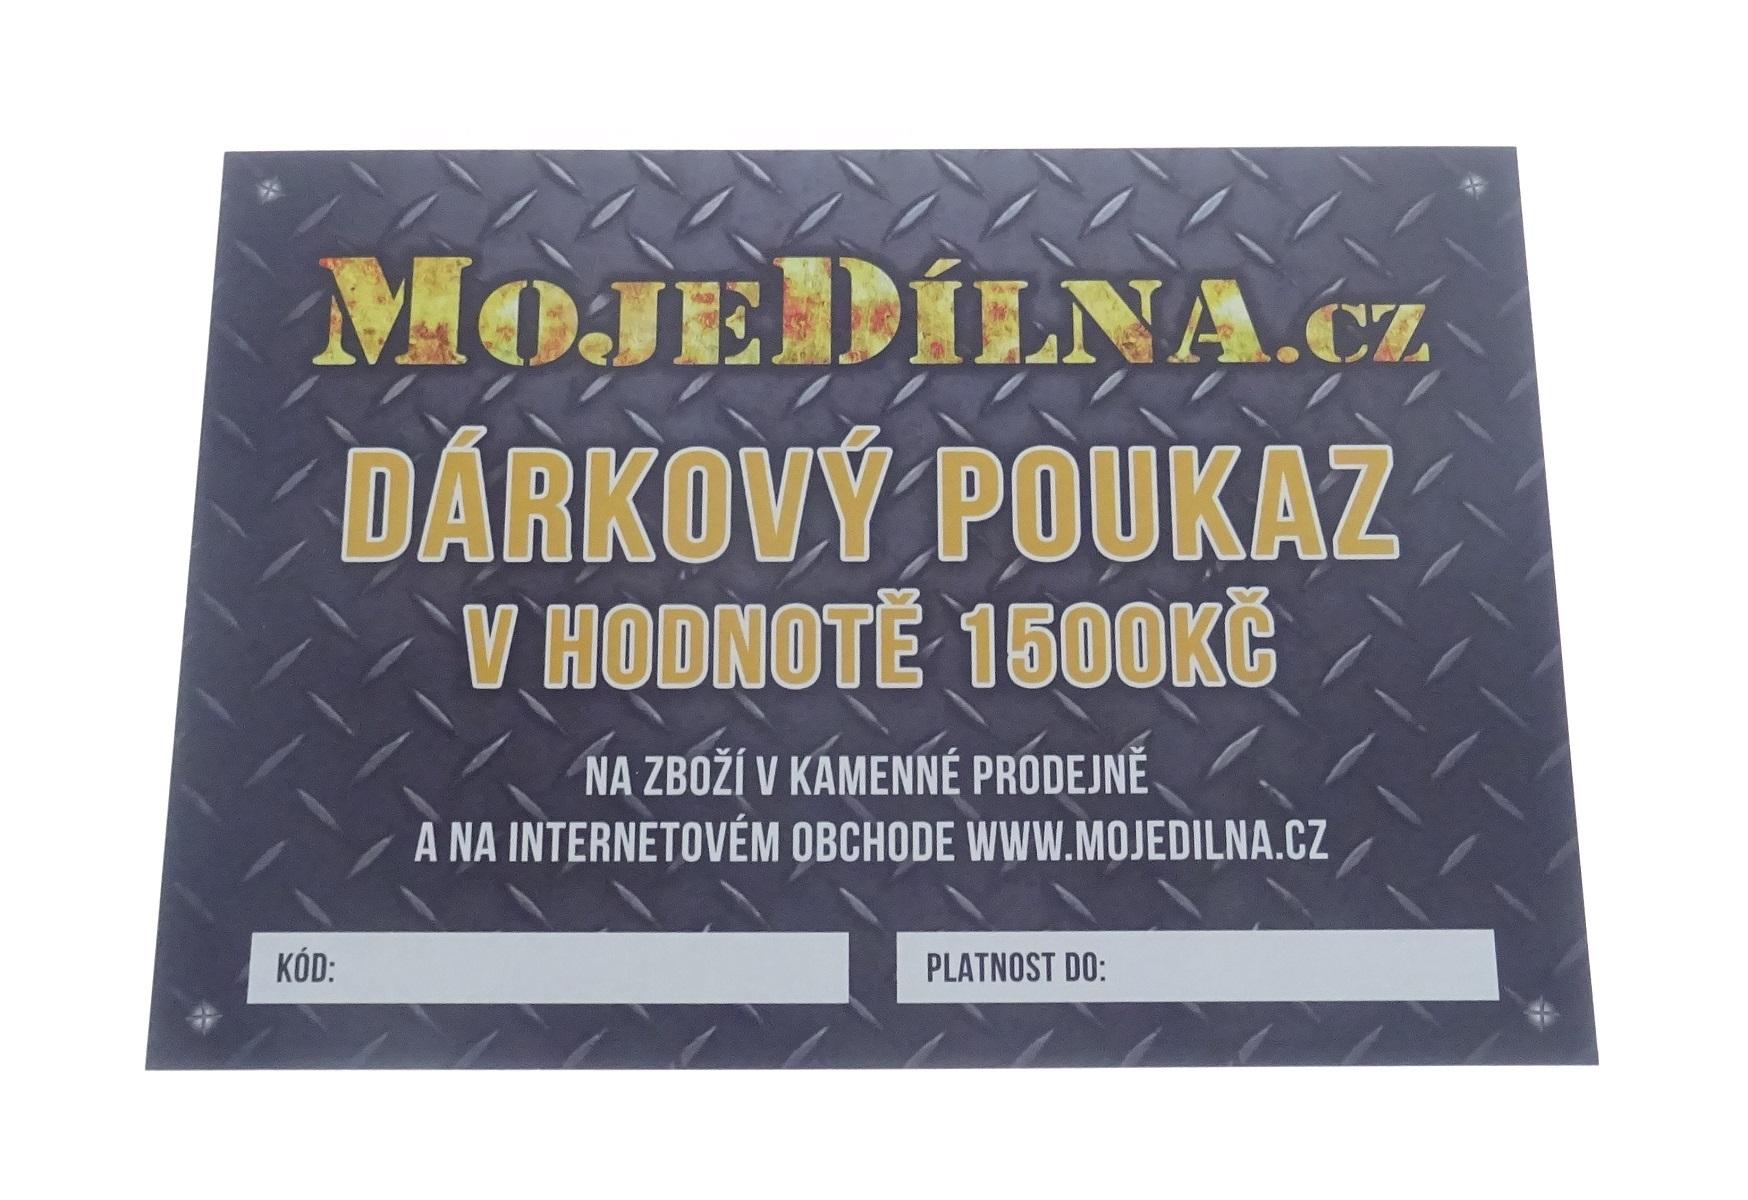 Dárkový poukaz MojeDílna.cz v hodnotě 1500 Kč - tištěný